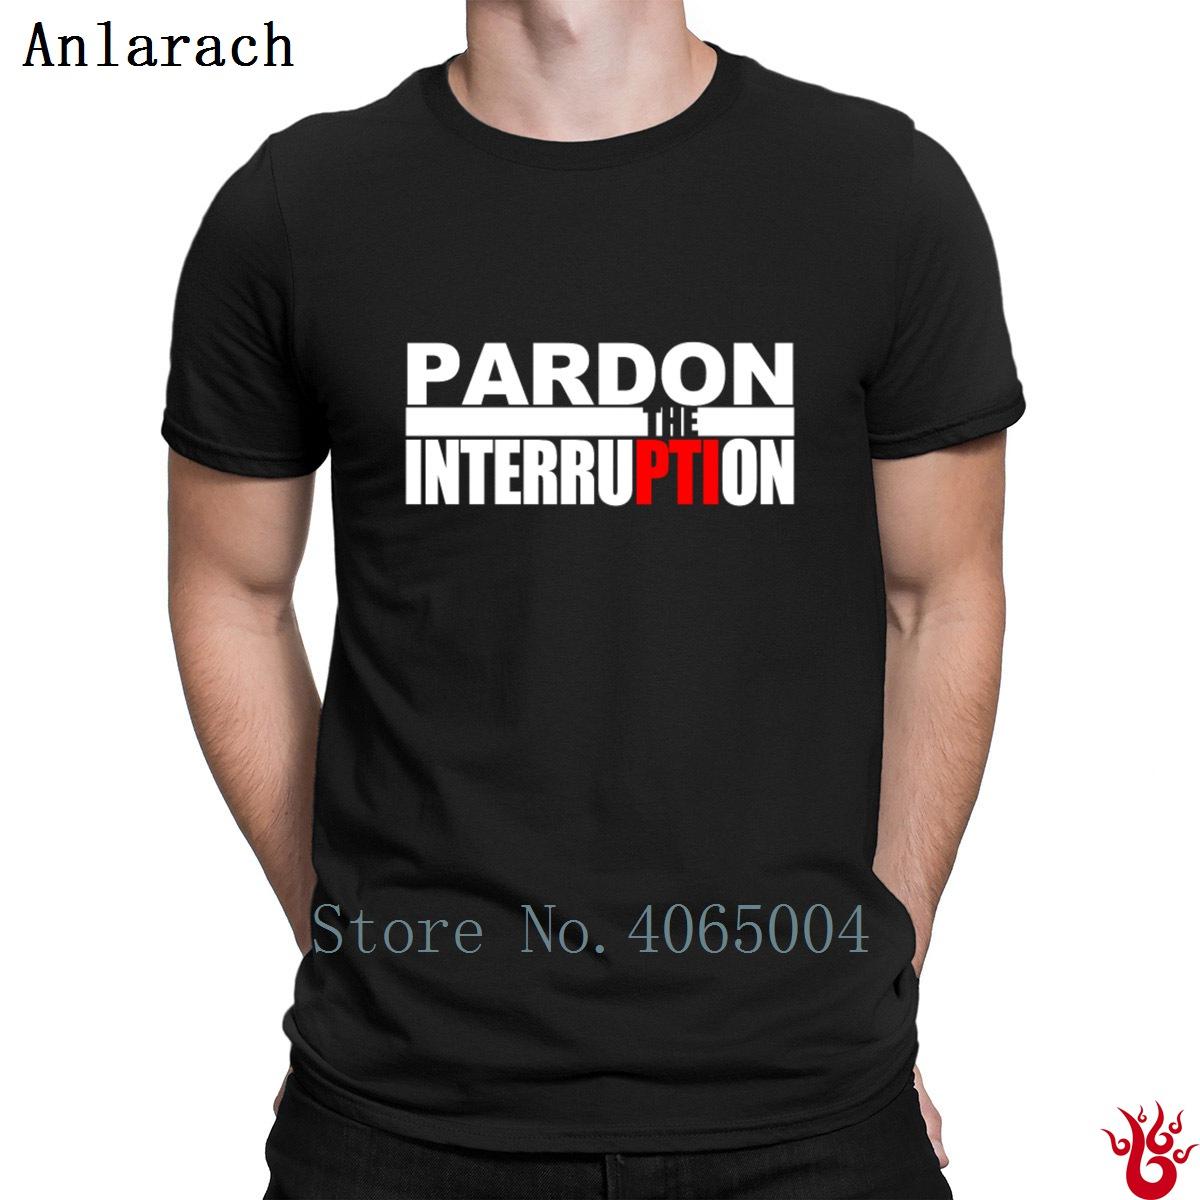 Pardon the Interruption T Shirt